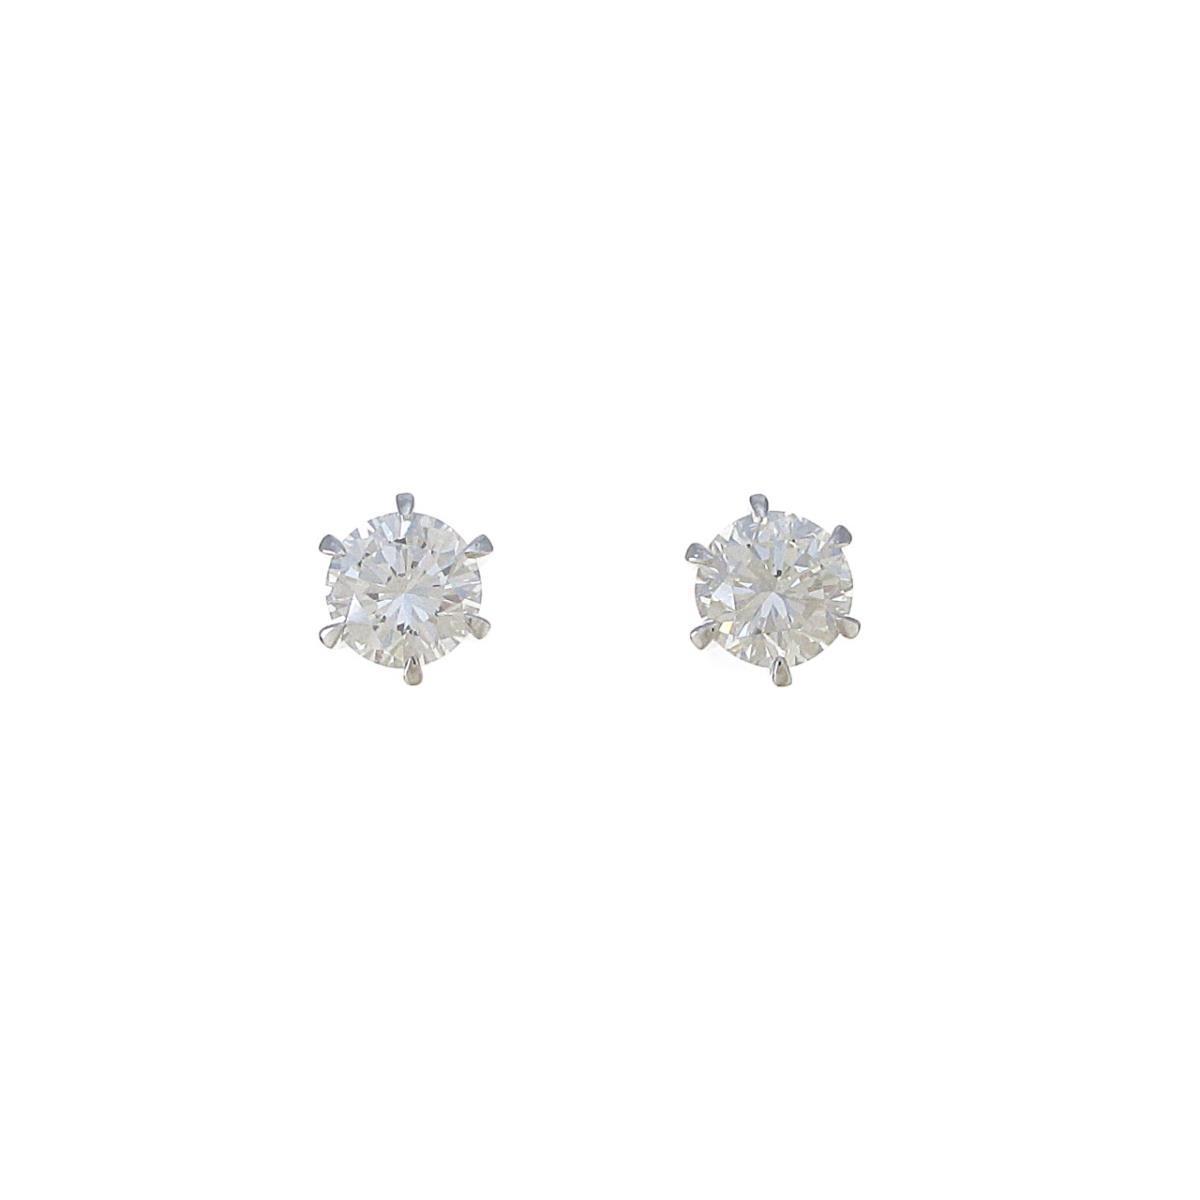 【リメイク】ST/プラチナダイヤモンドピアス 0.524ct・0.537ct・G・VS2・GOOD【中古】